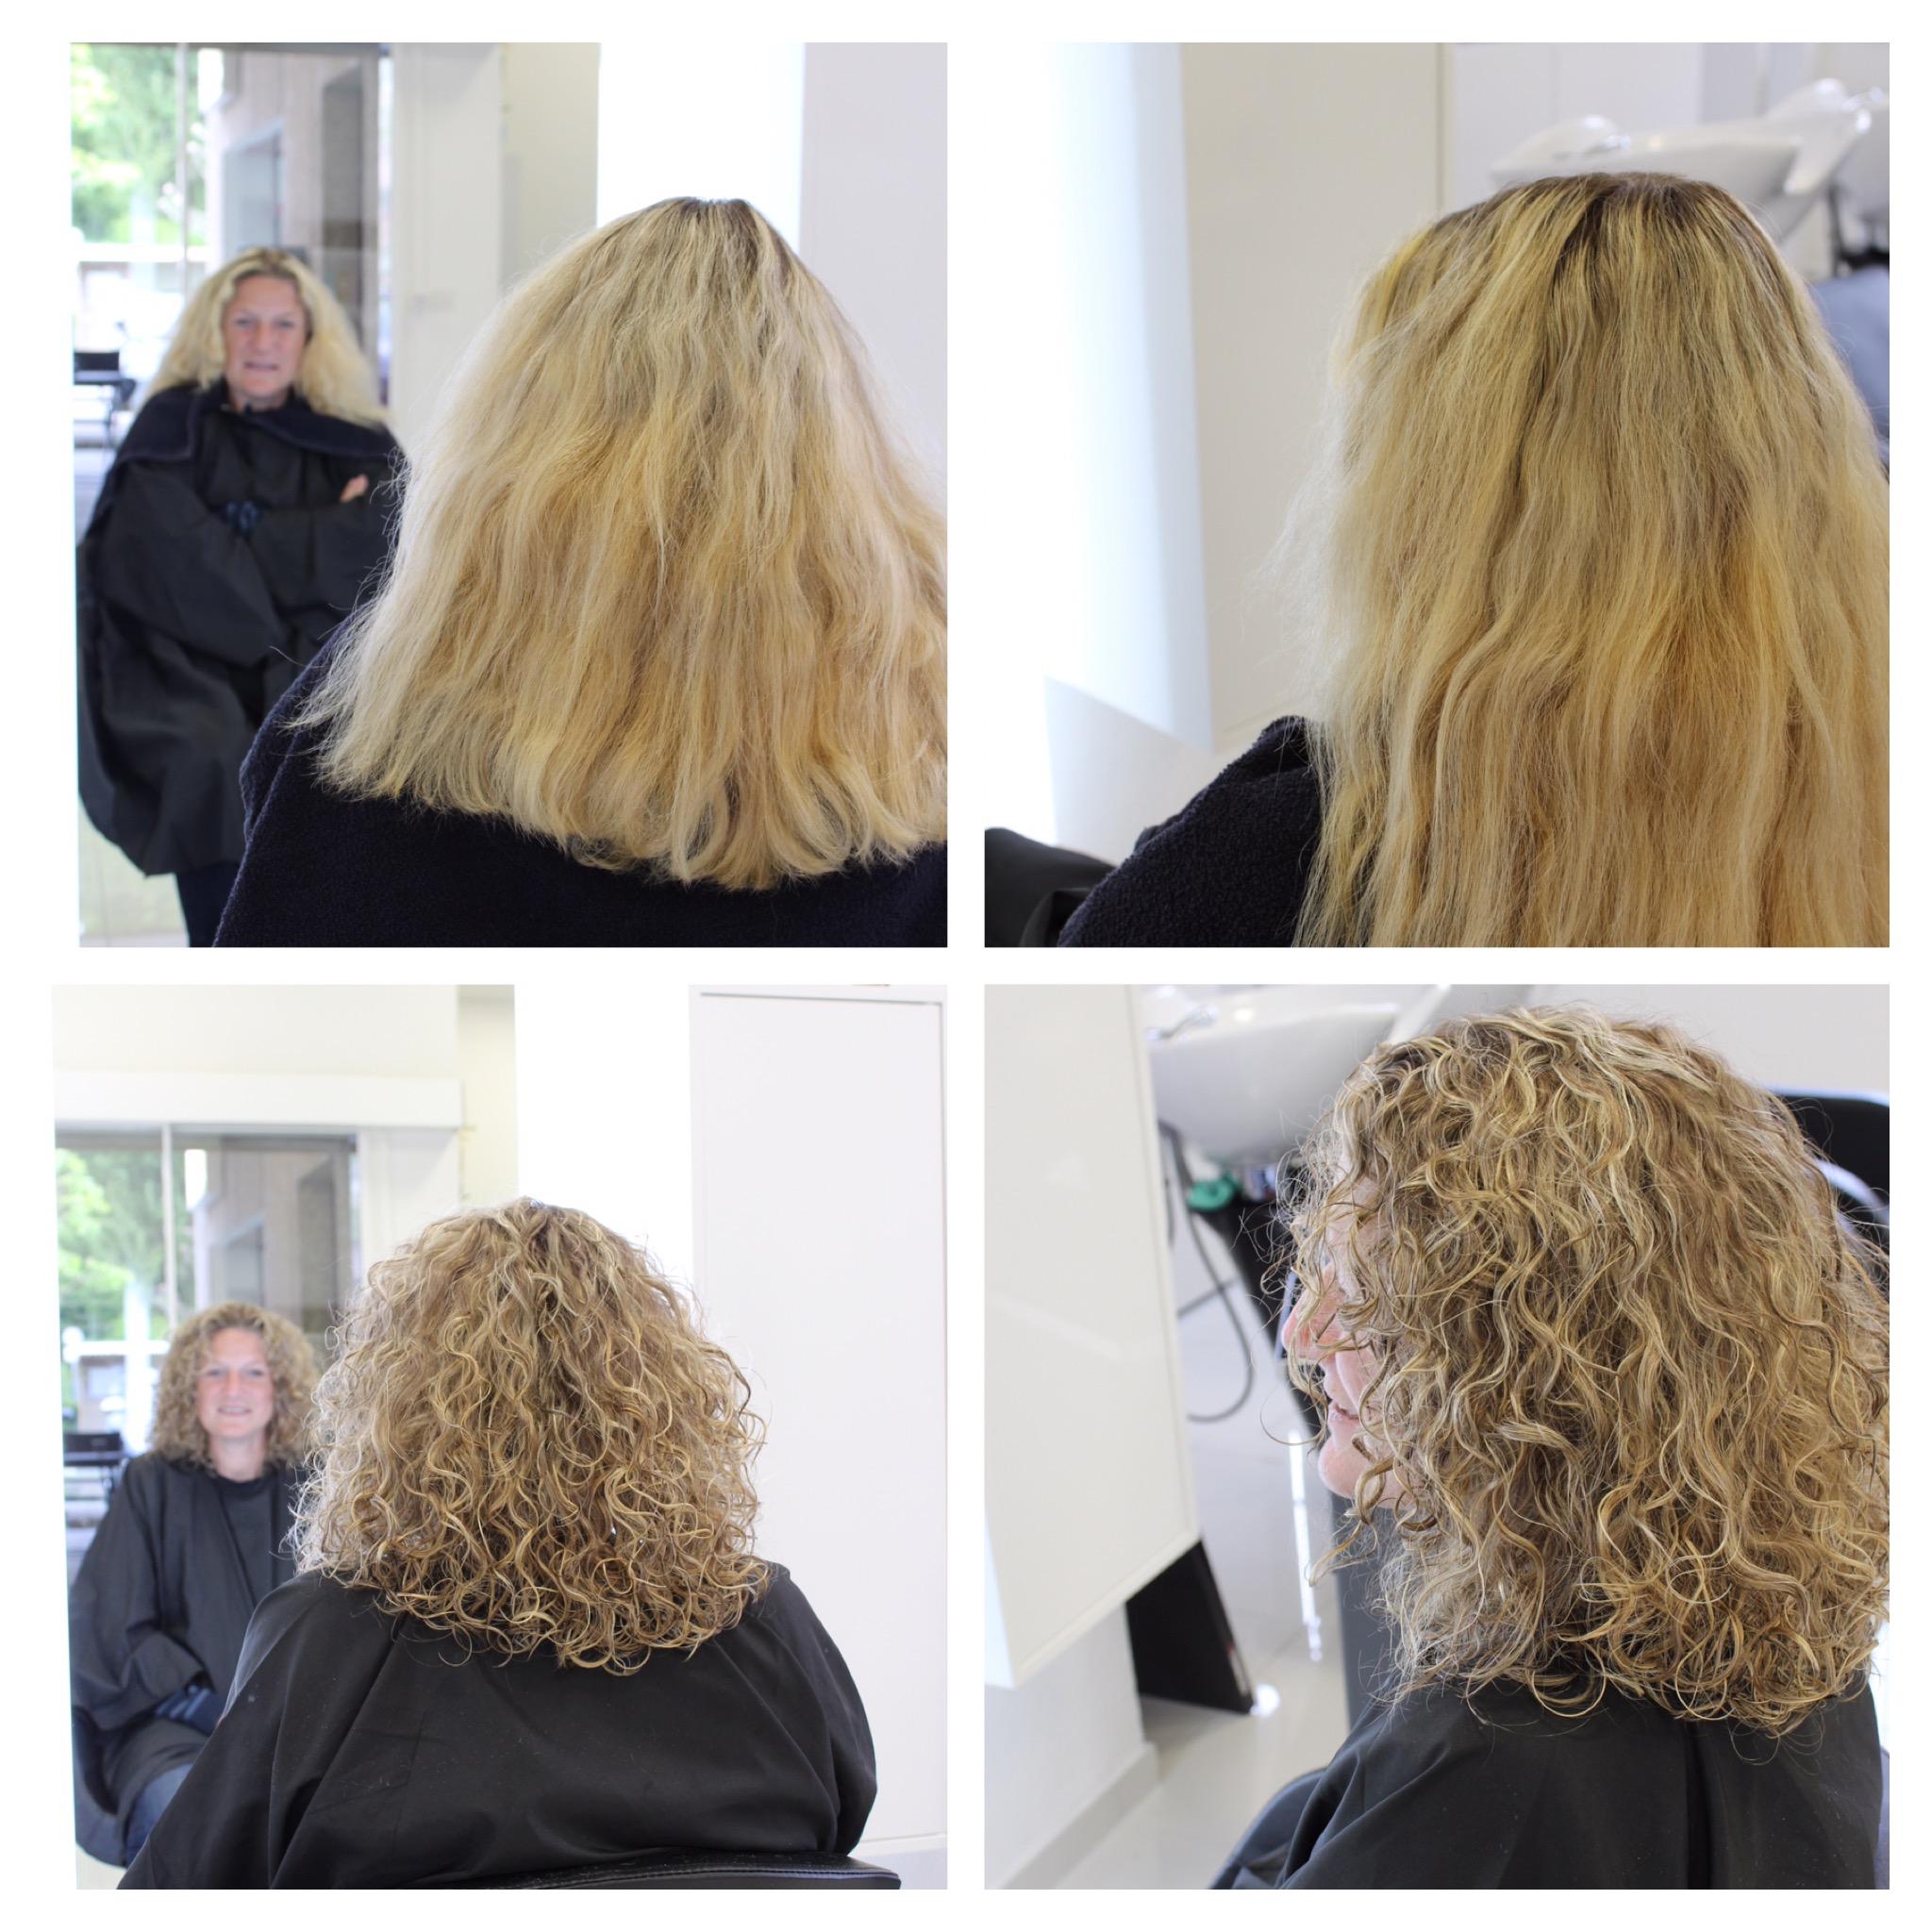 Rattrapage du blond, suivi d'une coupe en dégradée pour des belles boucles